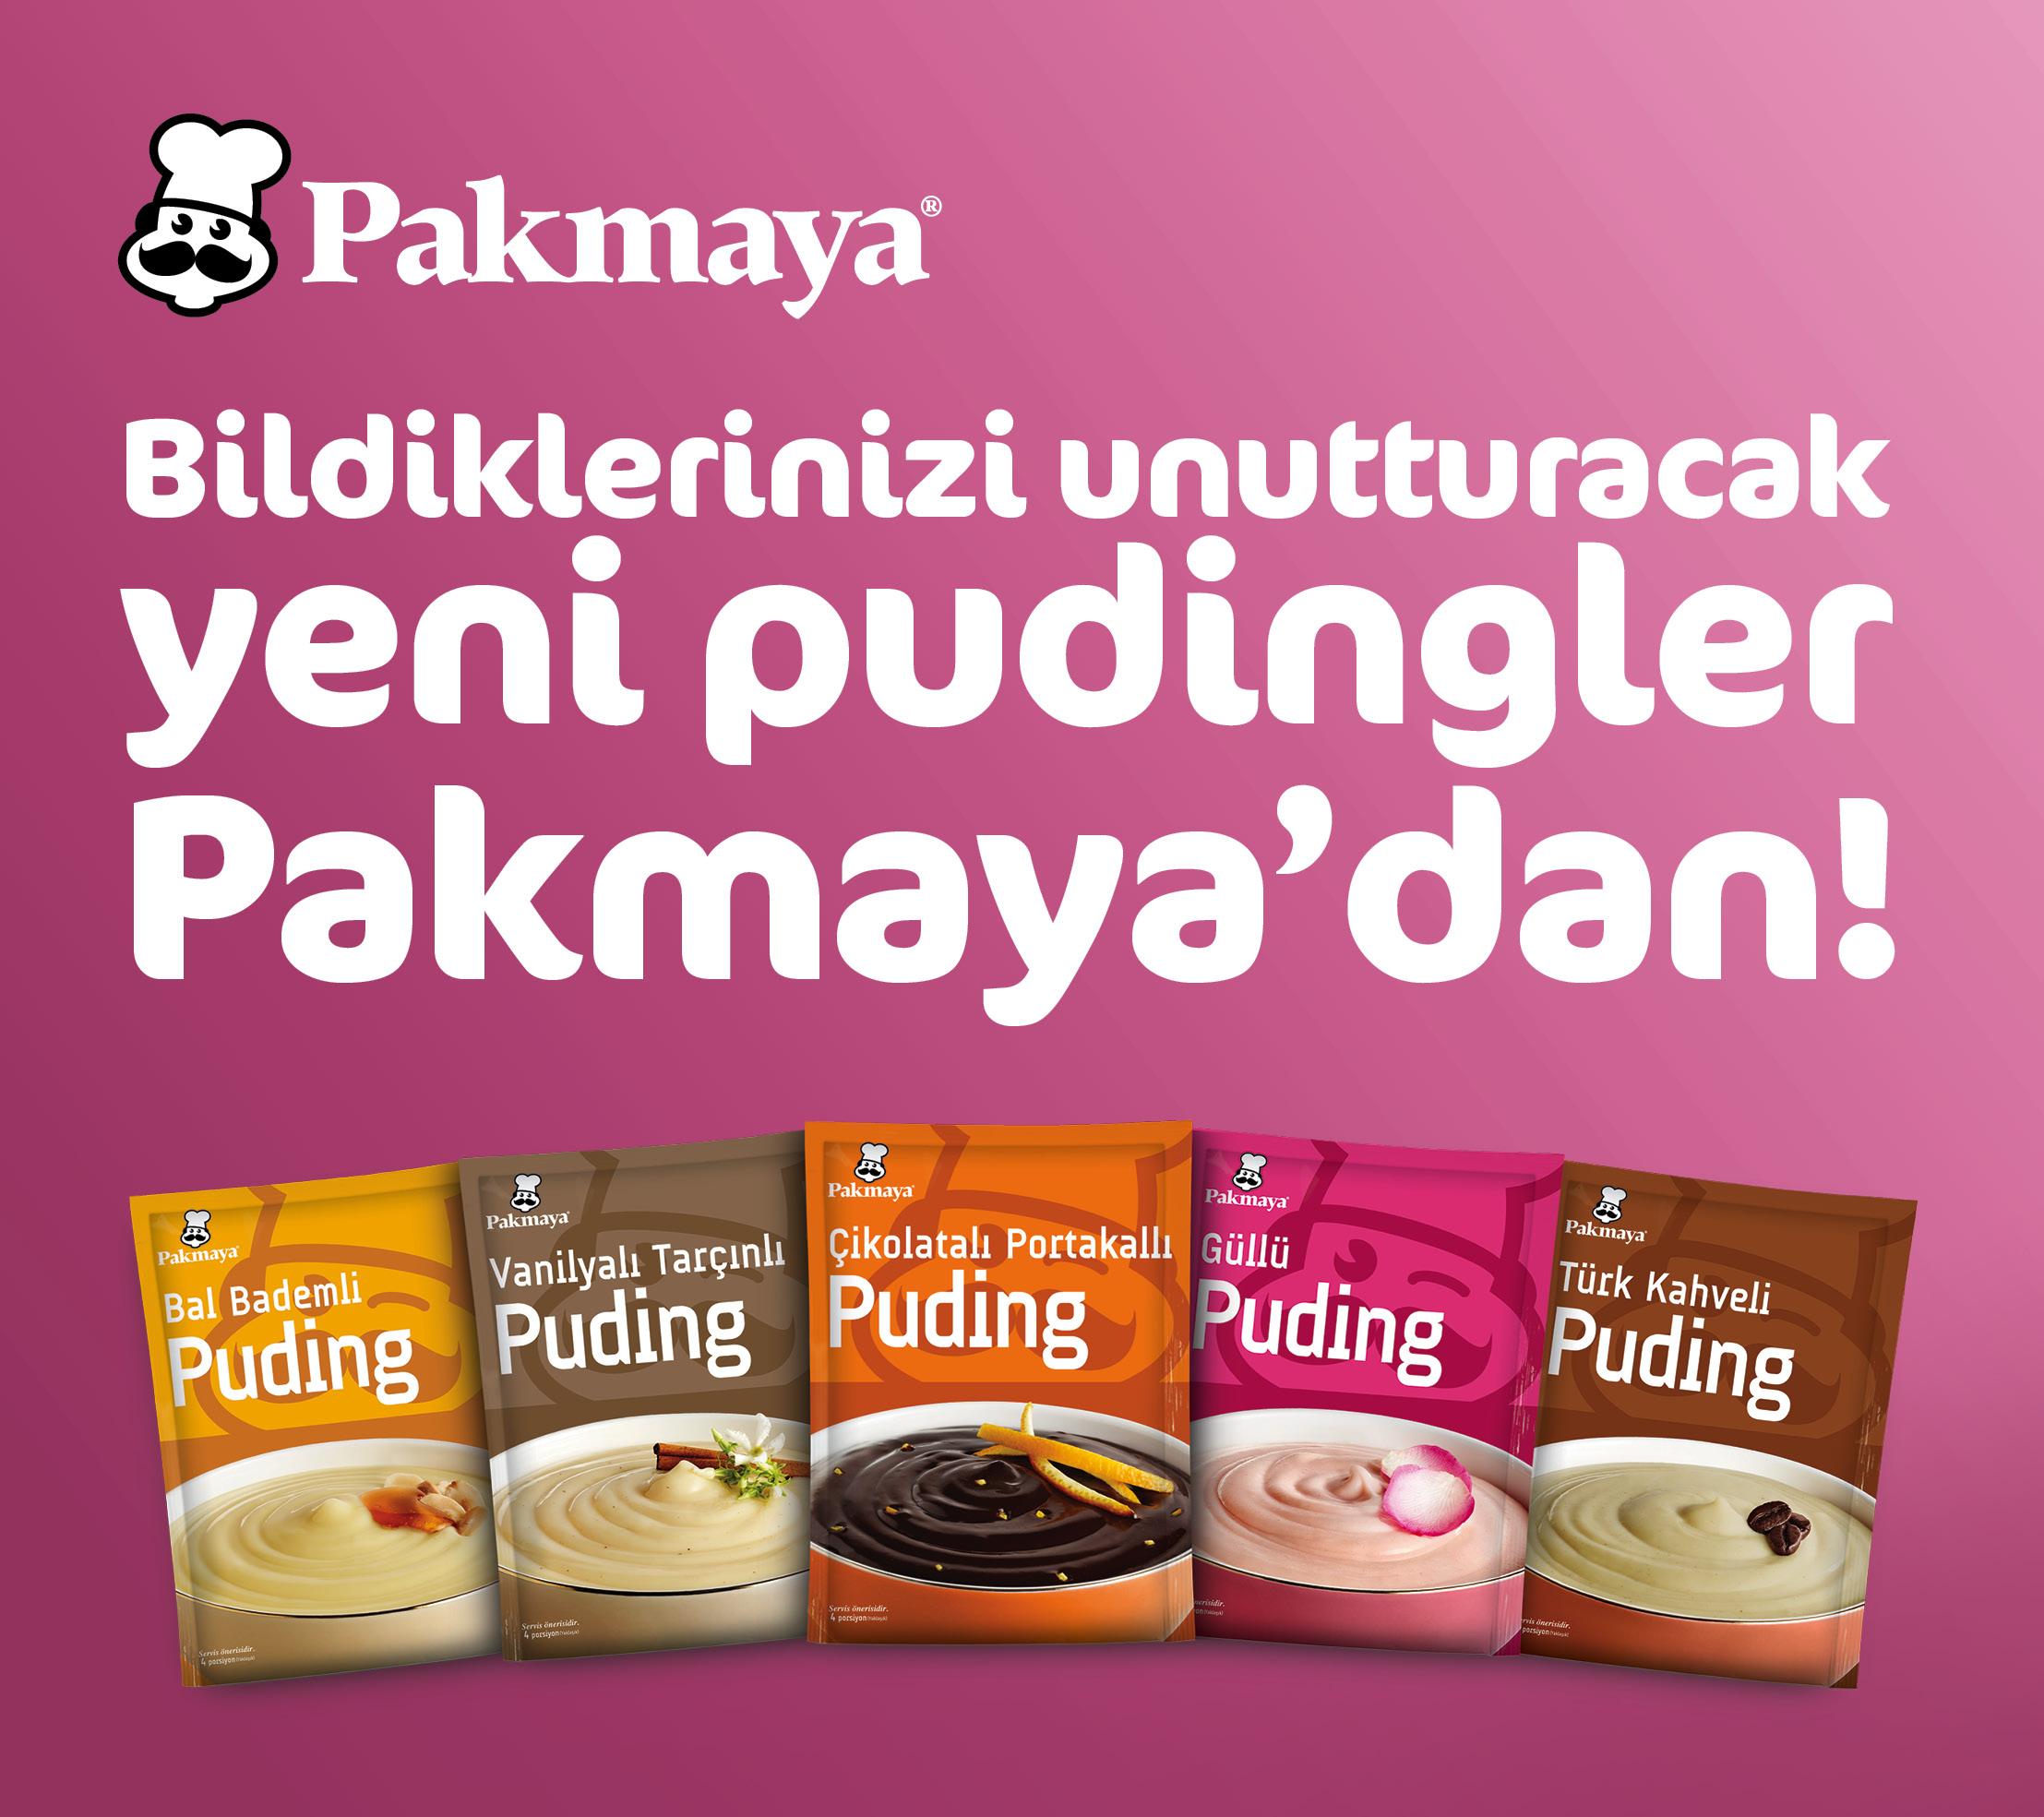 puding-pazarinda-gorulmemis-yenilik-pakmaya-dan-benzersiz-bir-puding-serisi